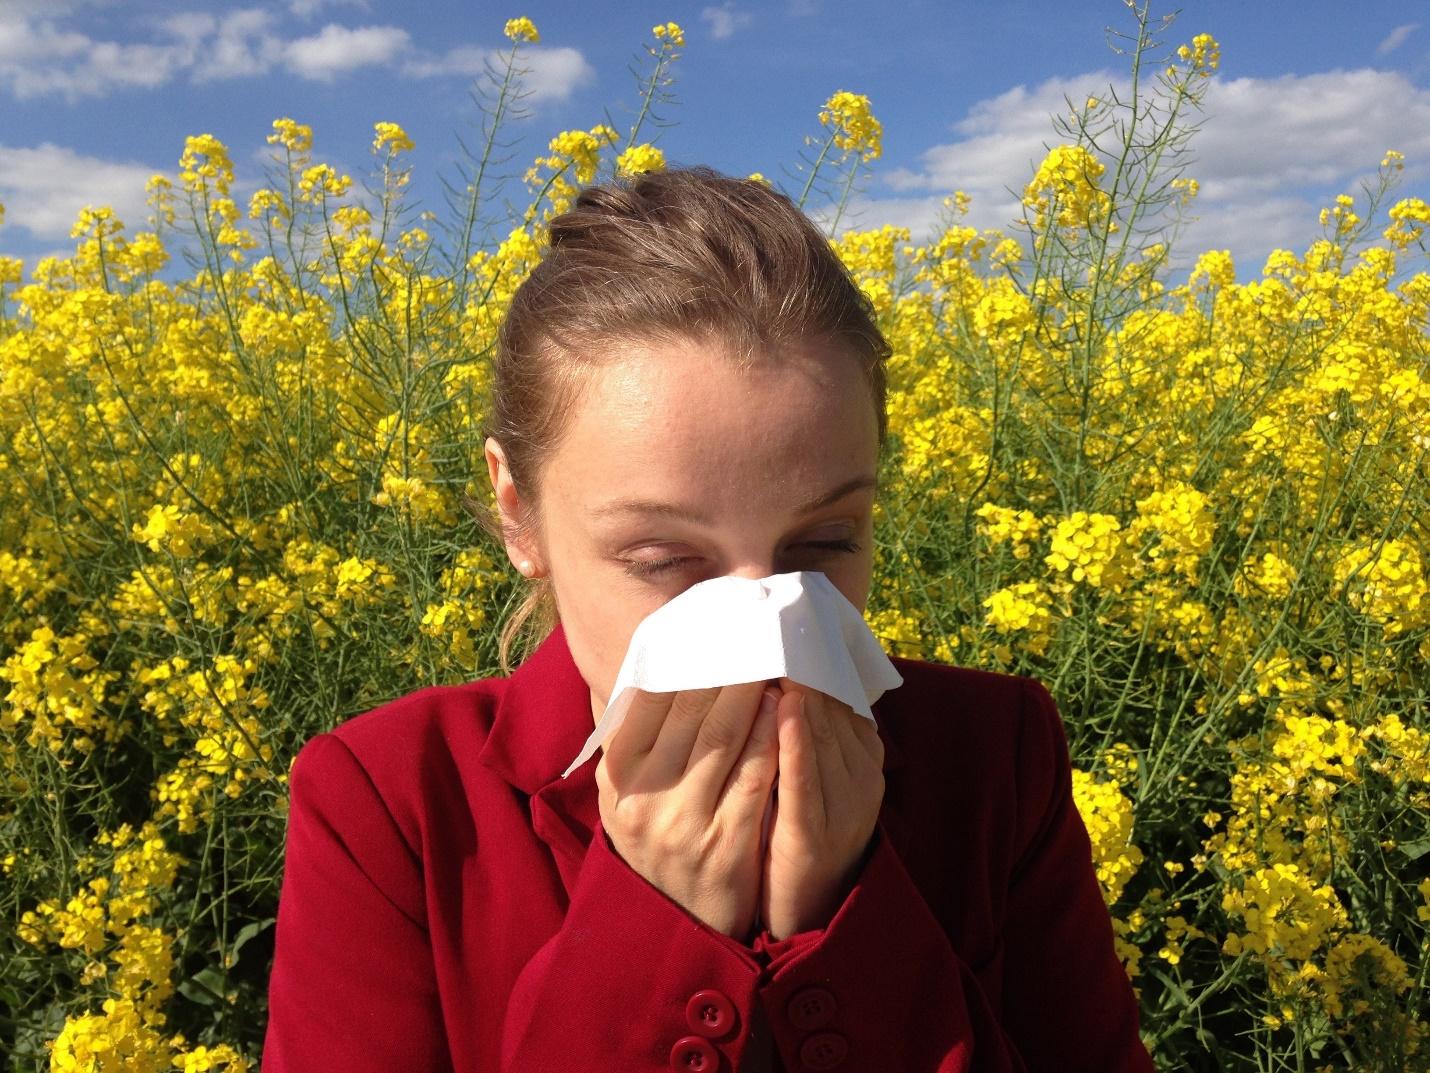 Free stock photo of allergen, allergic, allergy